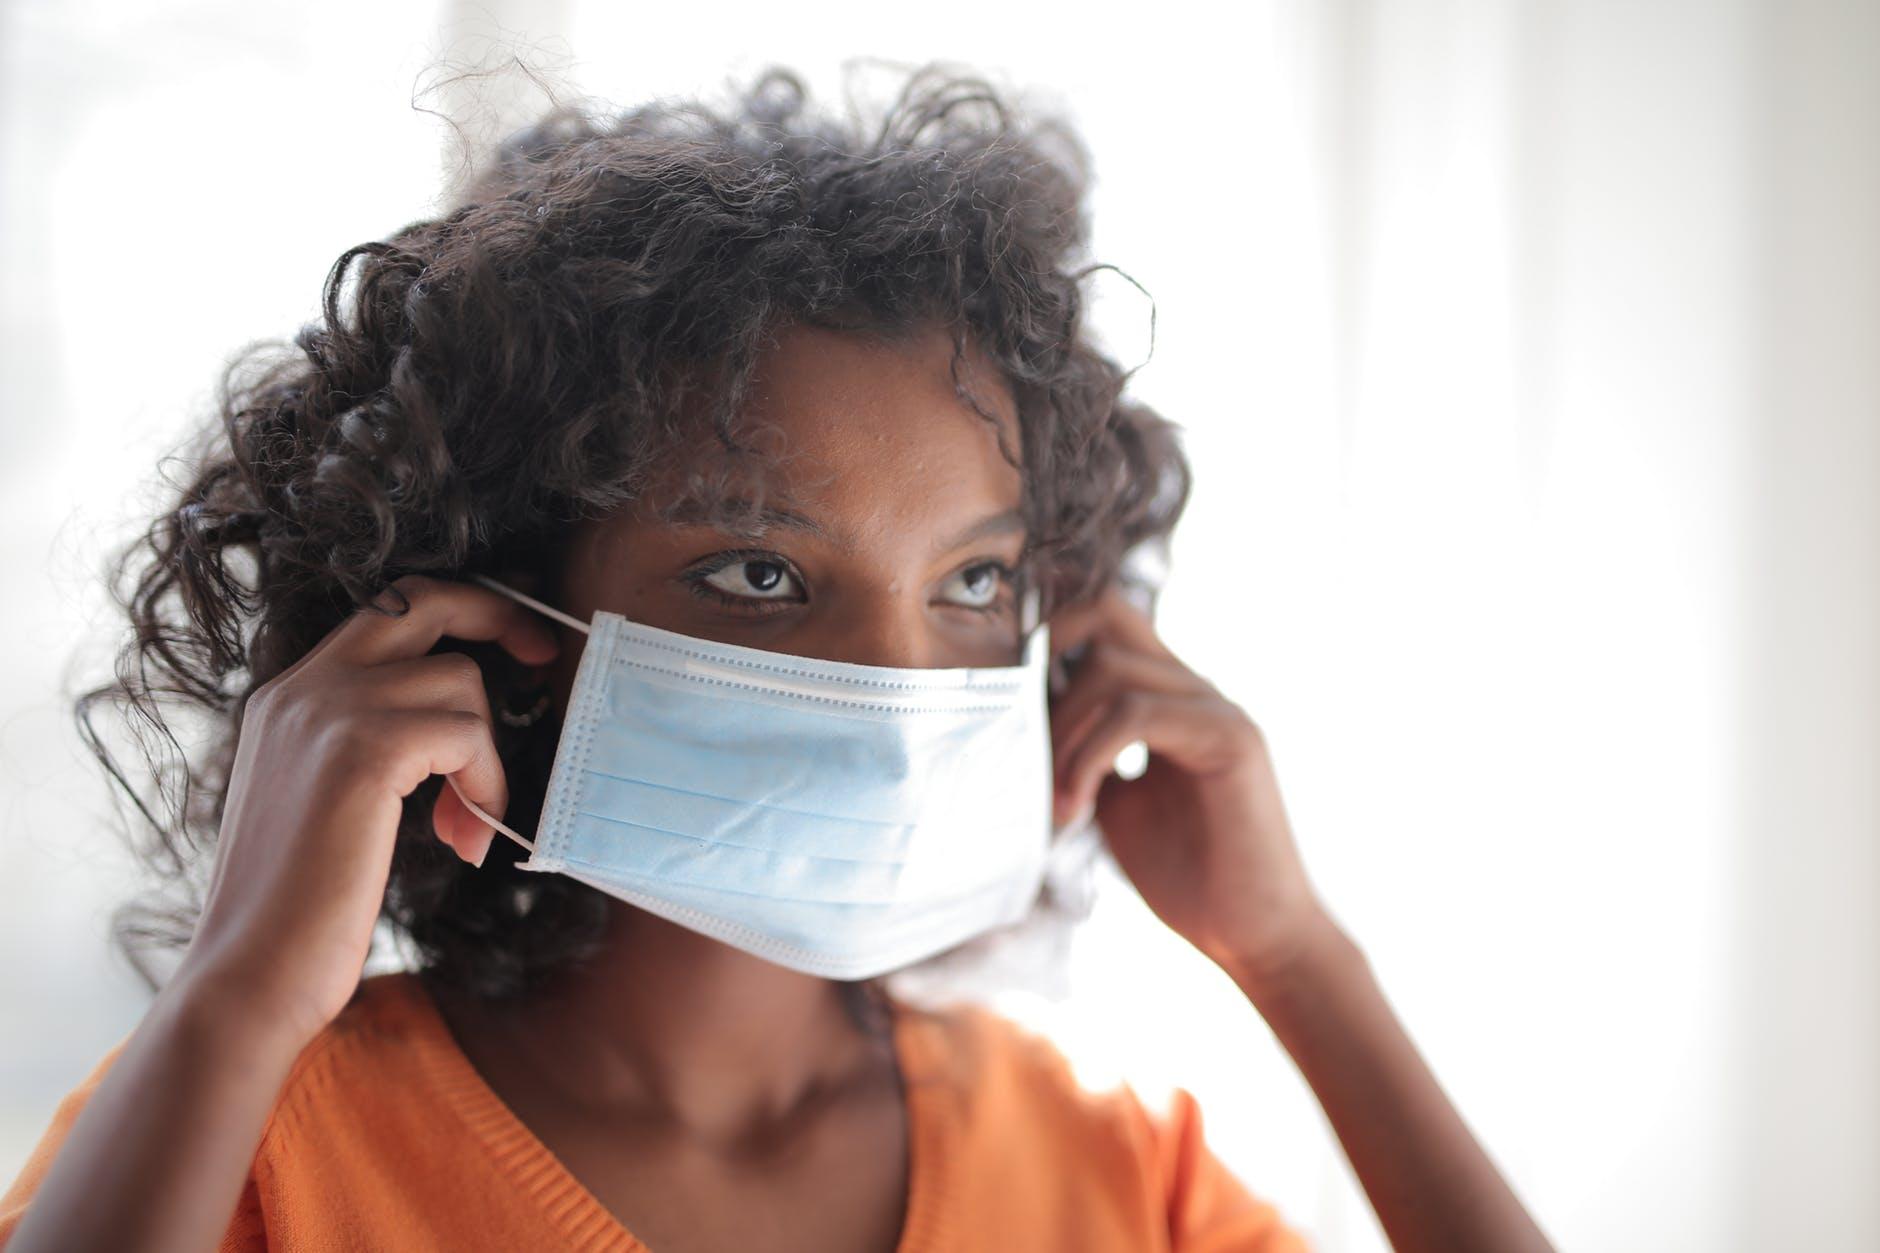 woman in orange crew neck shirt wearing white face mask